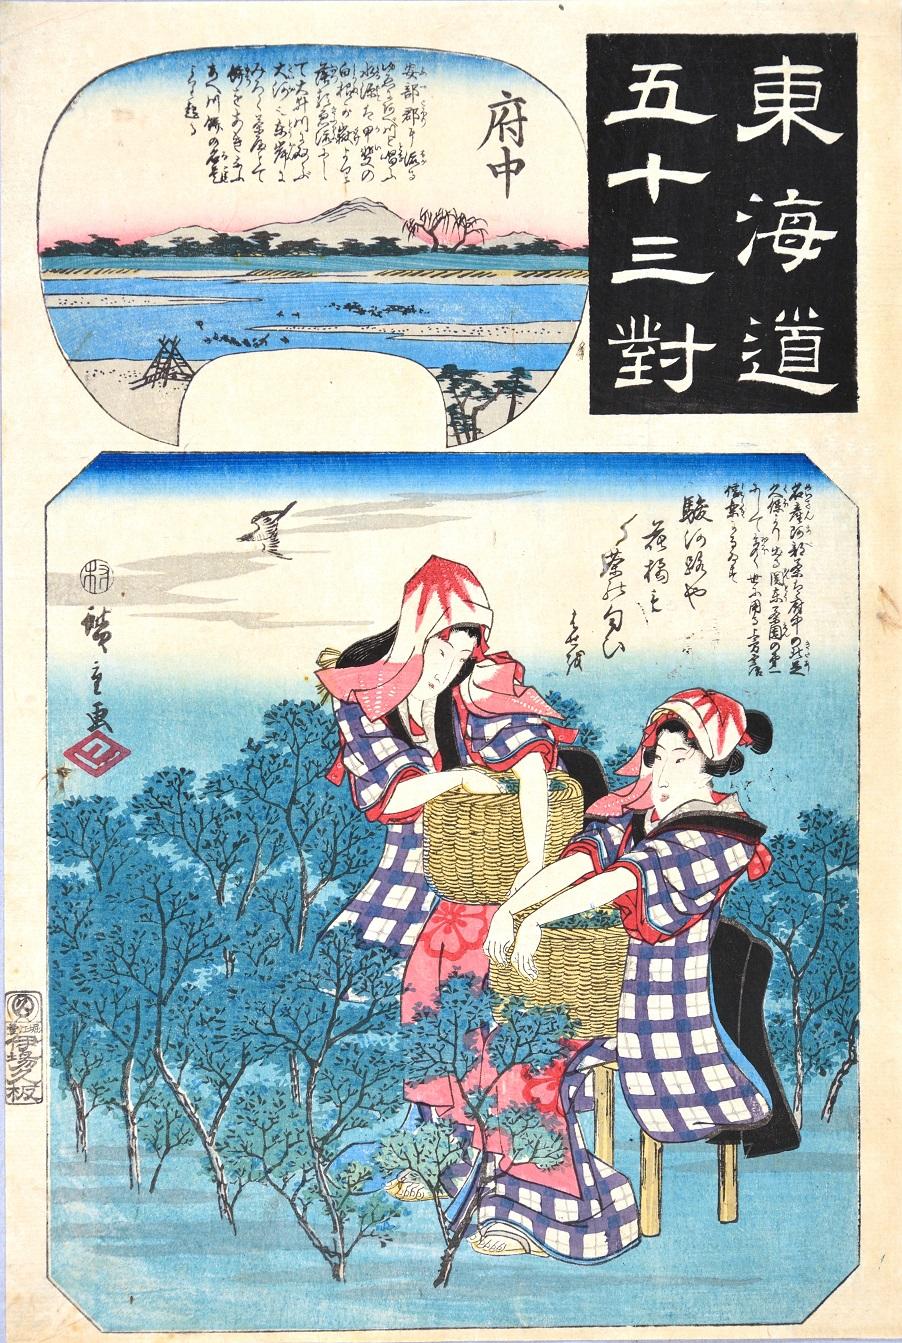 東海道五十三対 府中 広重 画 弘化元年ー4年(後期)